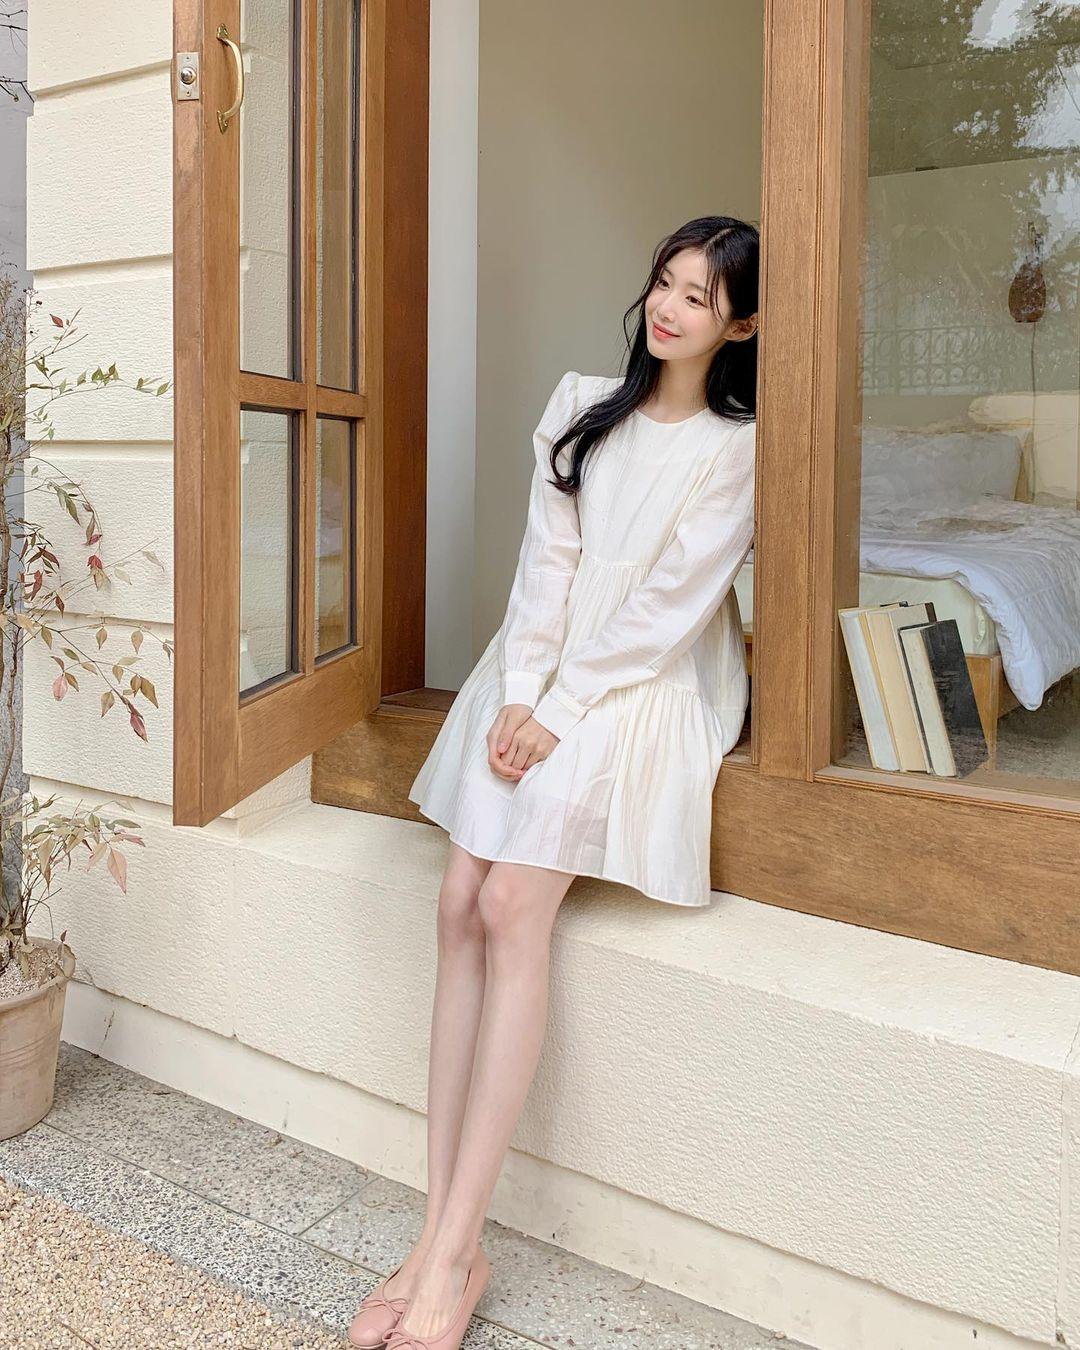 Hè đến là gái Hàn lại diện đủ kiểu váy trắng siêu trẻ xinh và tinh tế, xem mà muốn sắm cả 'lố' về nhà - Ảnh 6